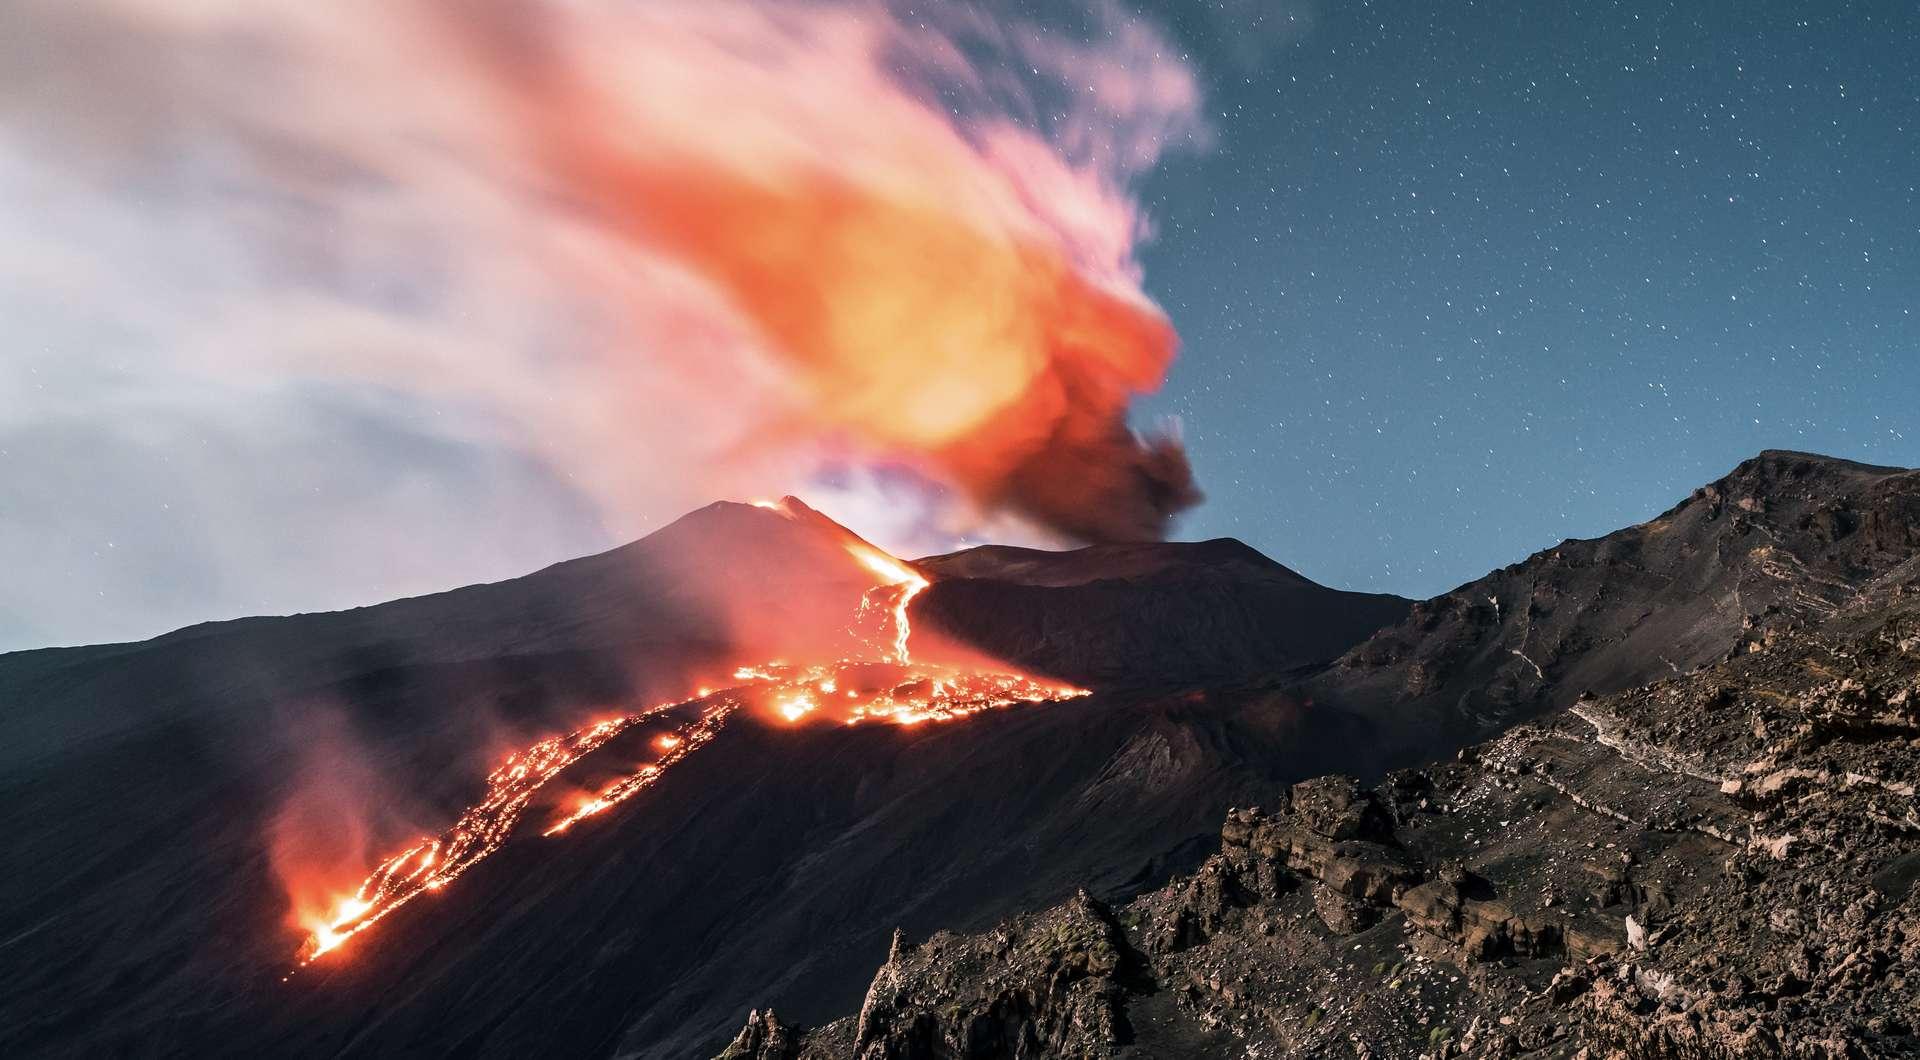 Éruption du volcan Etna avec fumée et coulée de lave, la nuit. © Fernando, Adobe Stock